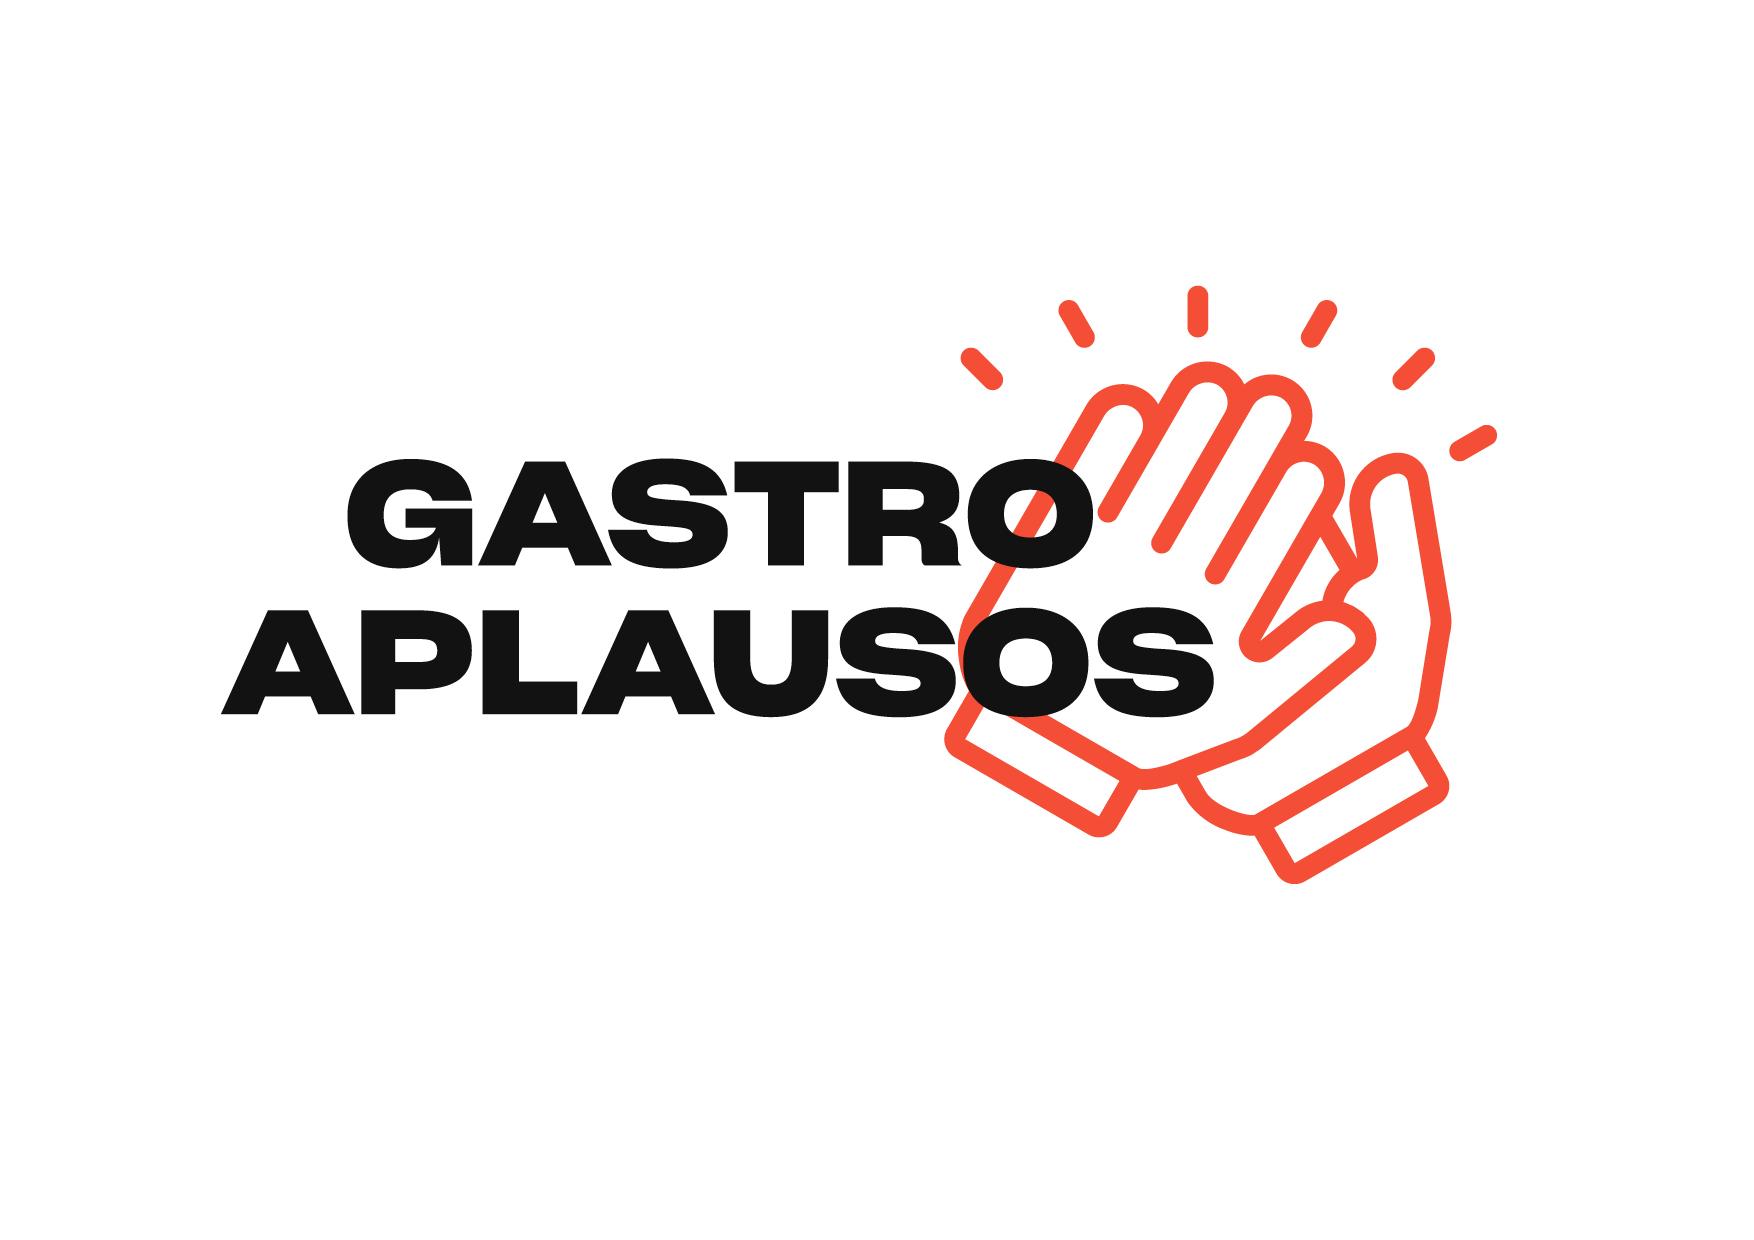 Gastroaplausos